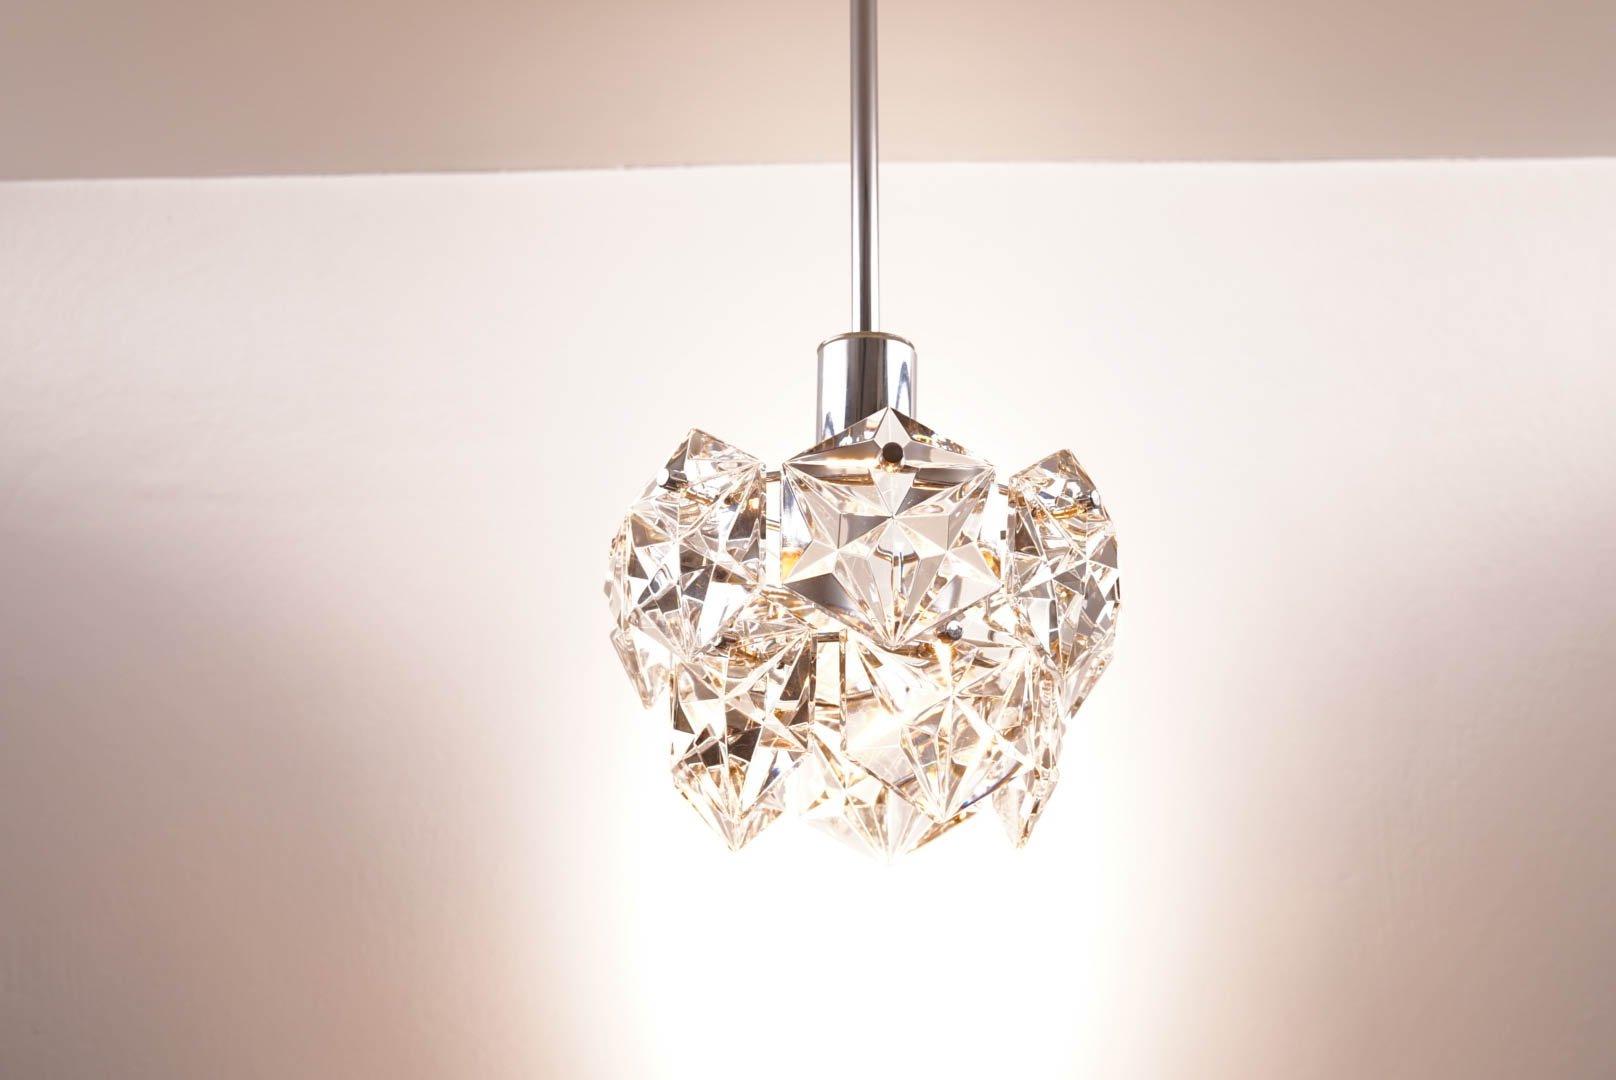 vintage deckenlampe mit sechseckigen kristallen von. Black Bedroom Furniture Sets. Home Design Ideas